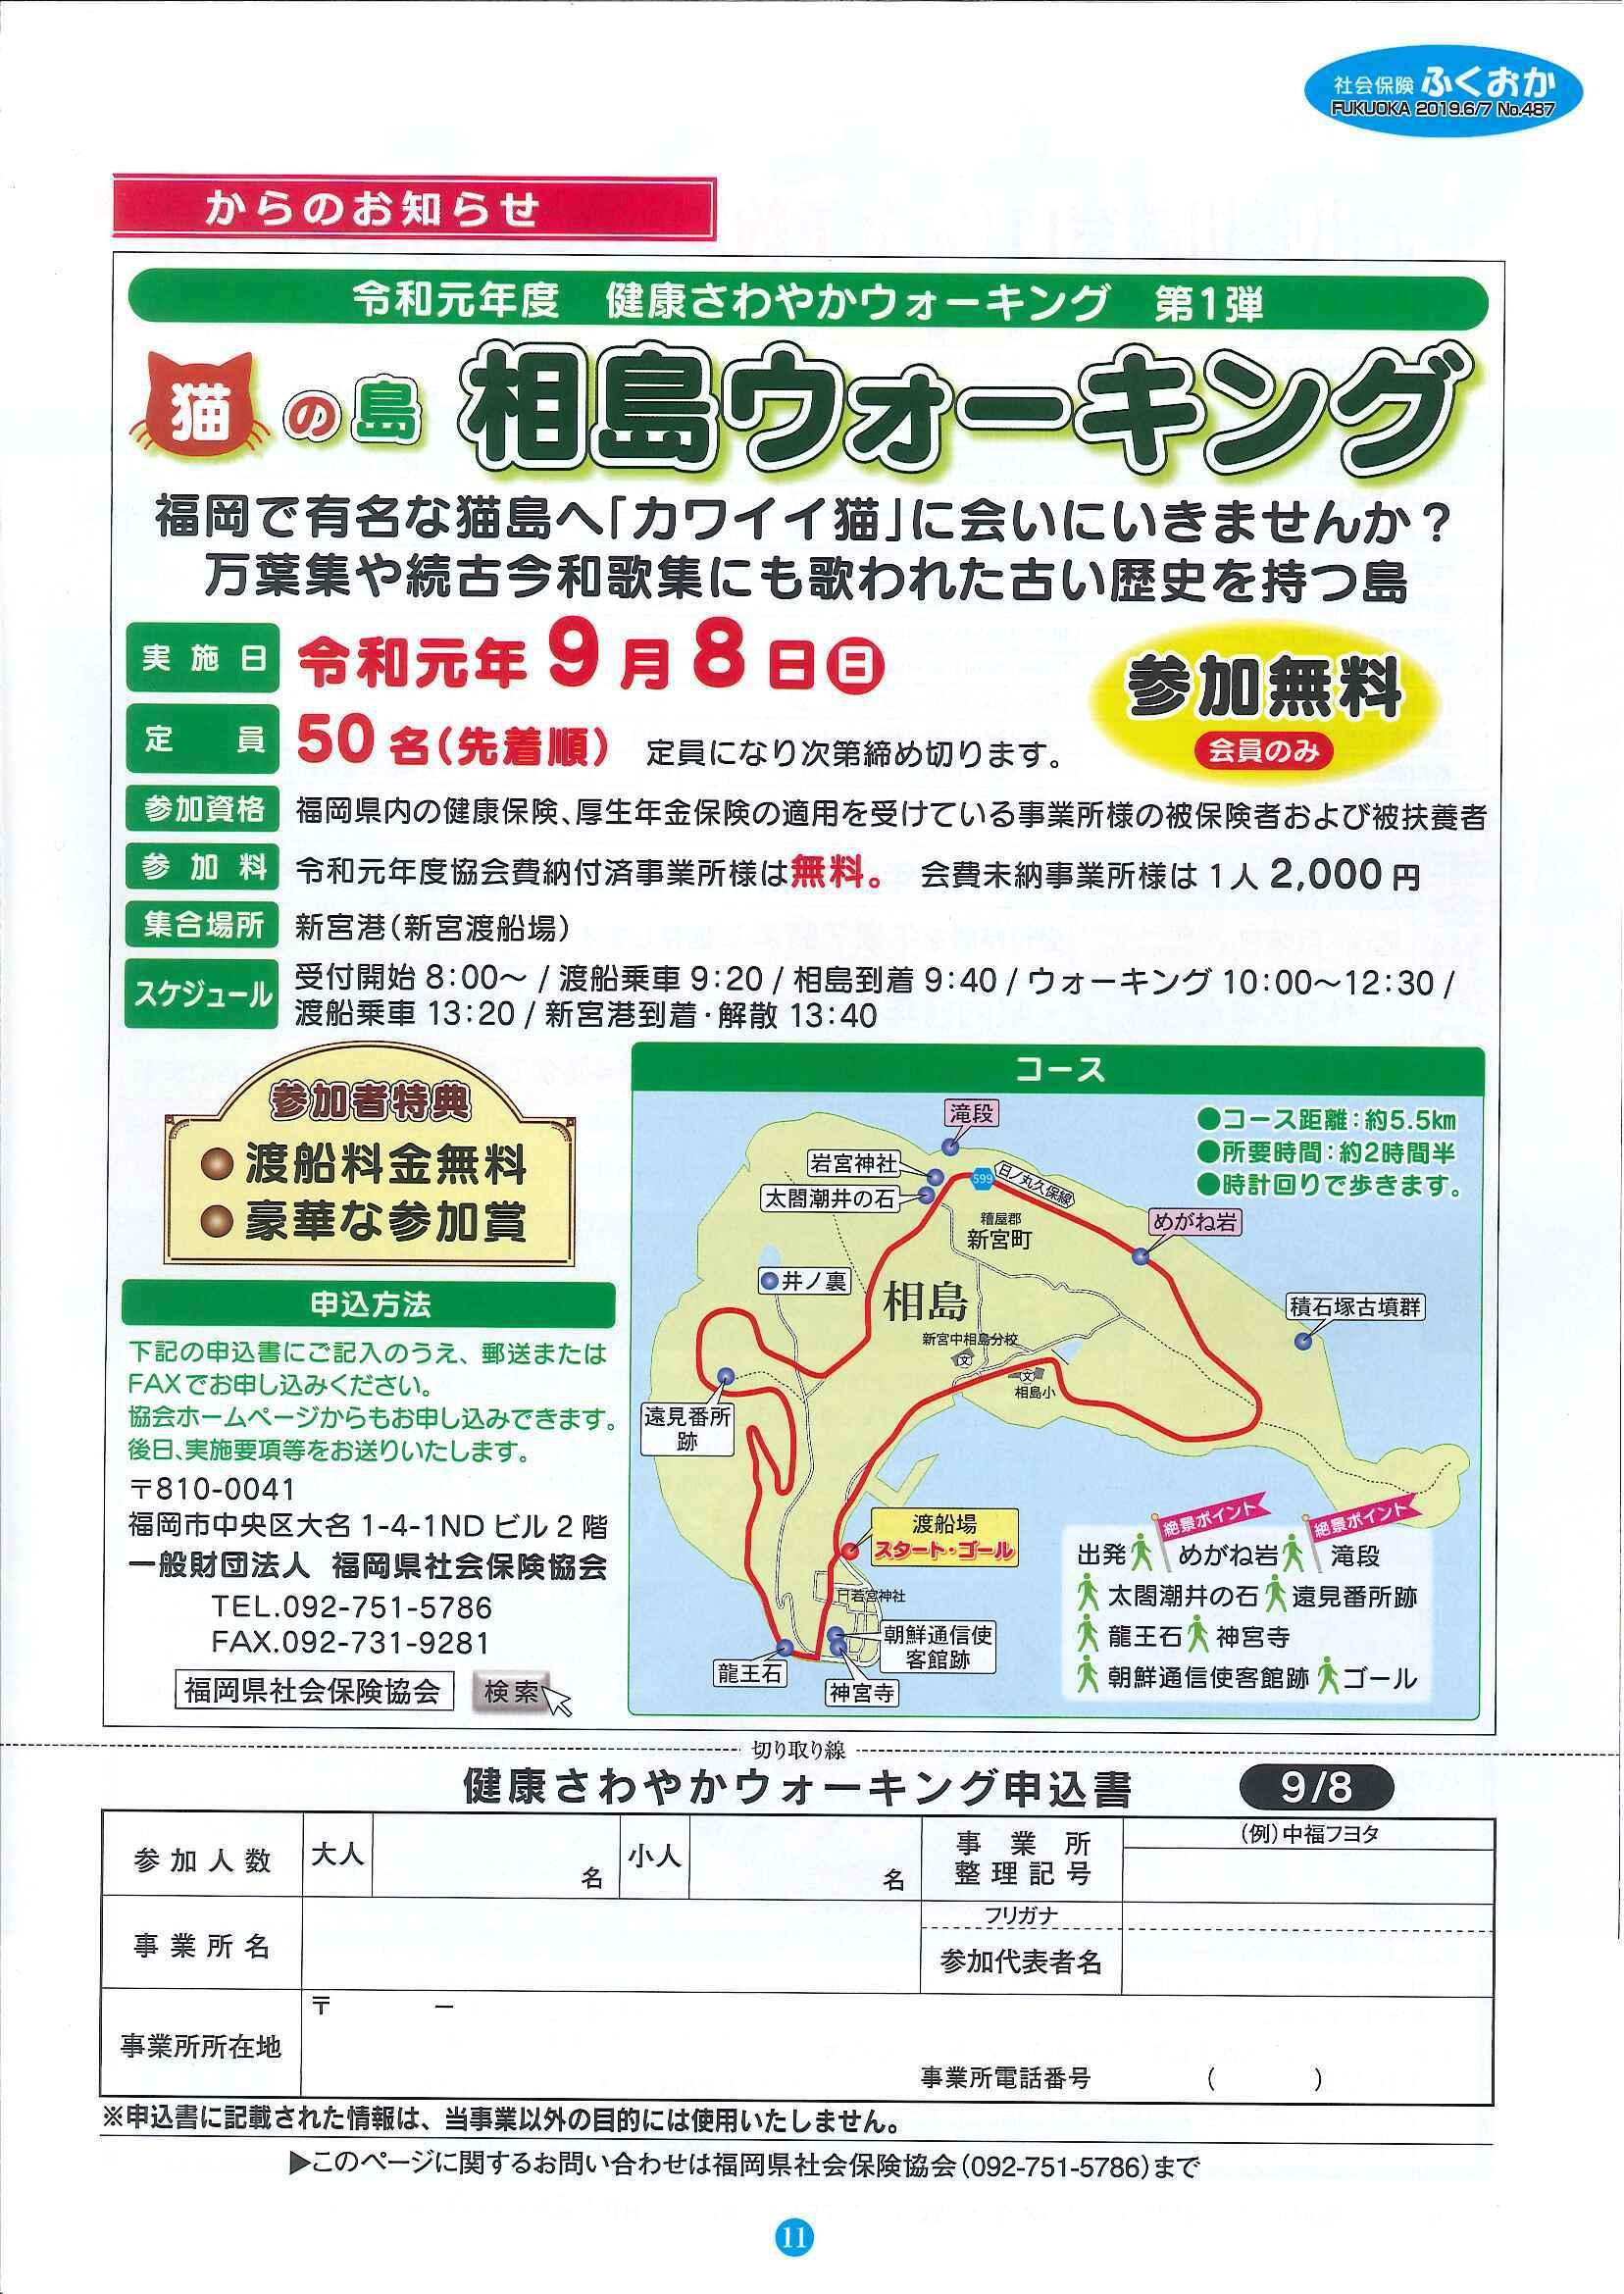 社会保険「ふくおか」2019年6・7月号_f0120774_11205791.jpg